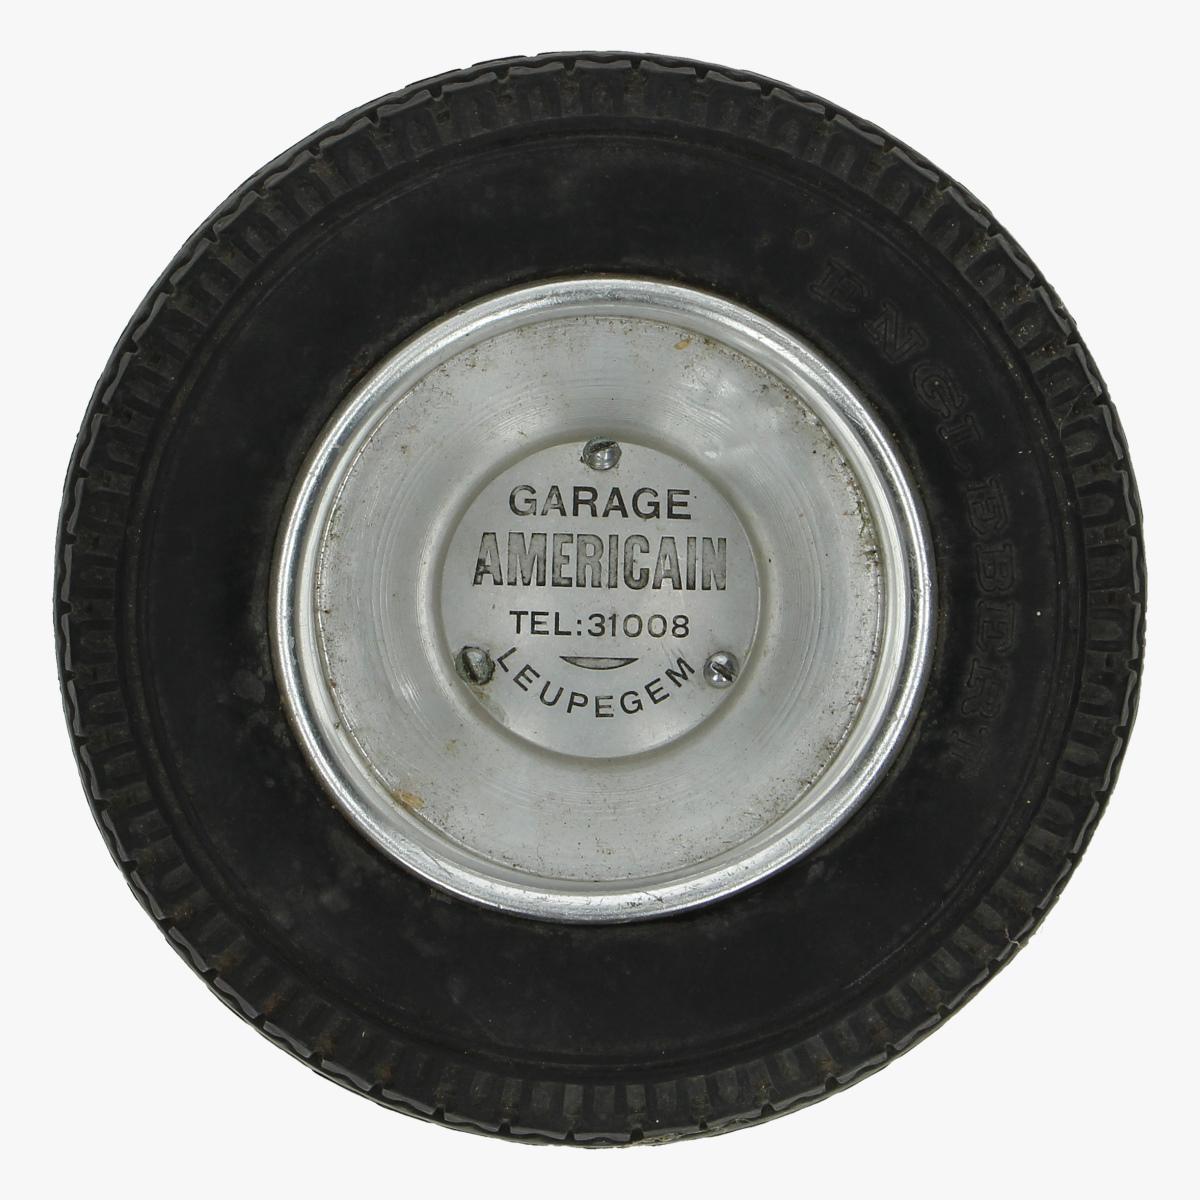 Afbeeldingen van asbak Garage american leupegem